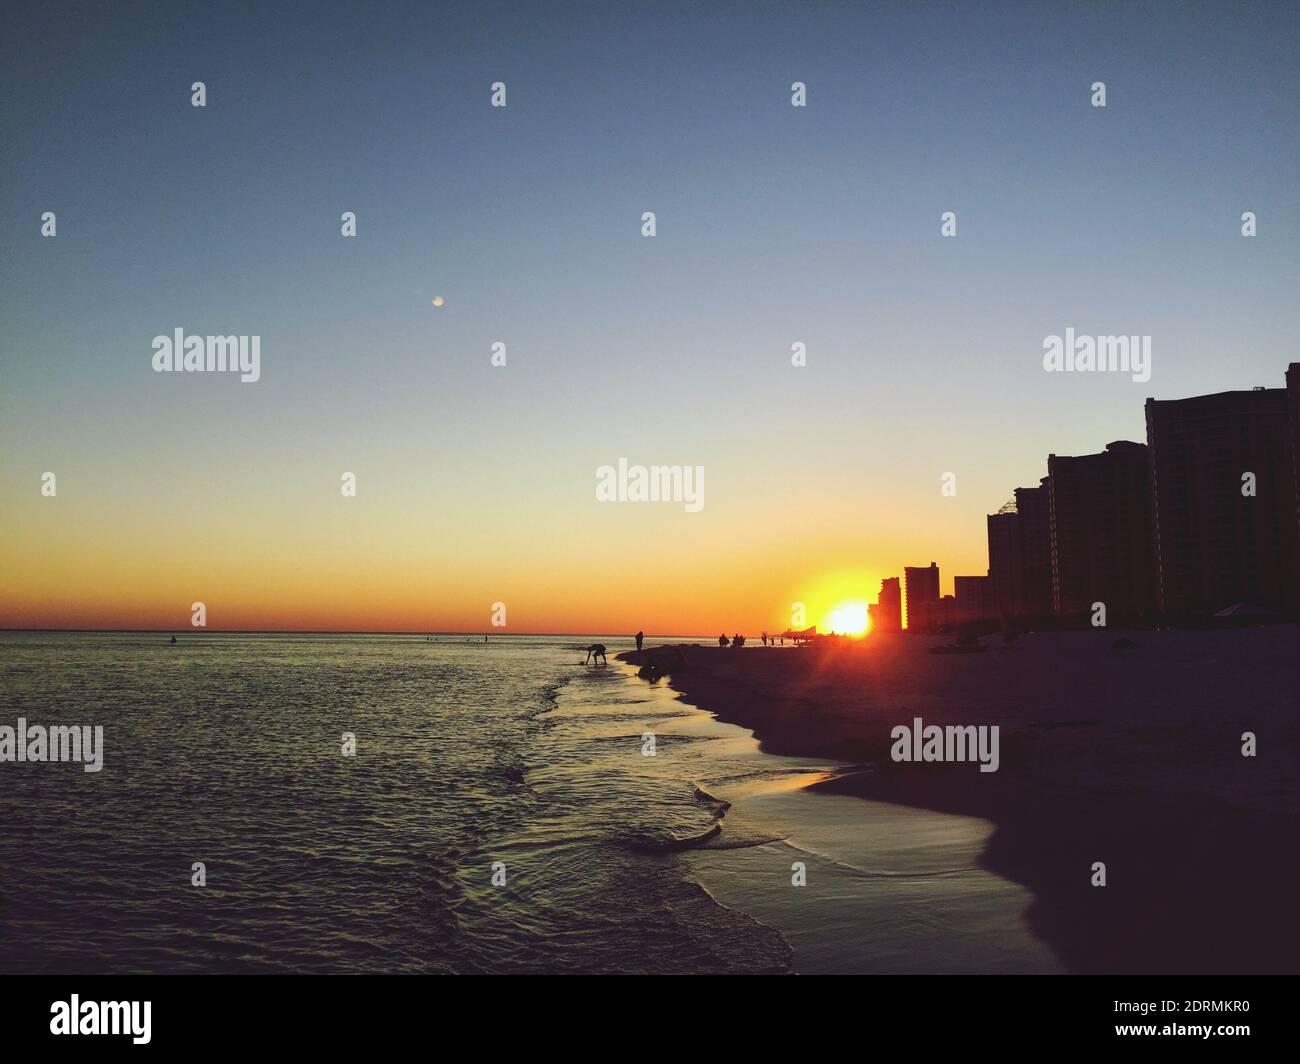 Vista panoramica del mare contro il cielo chiaro al tramonto Foto Stock